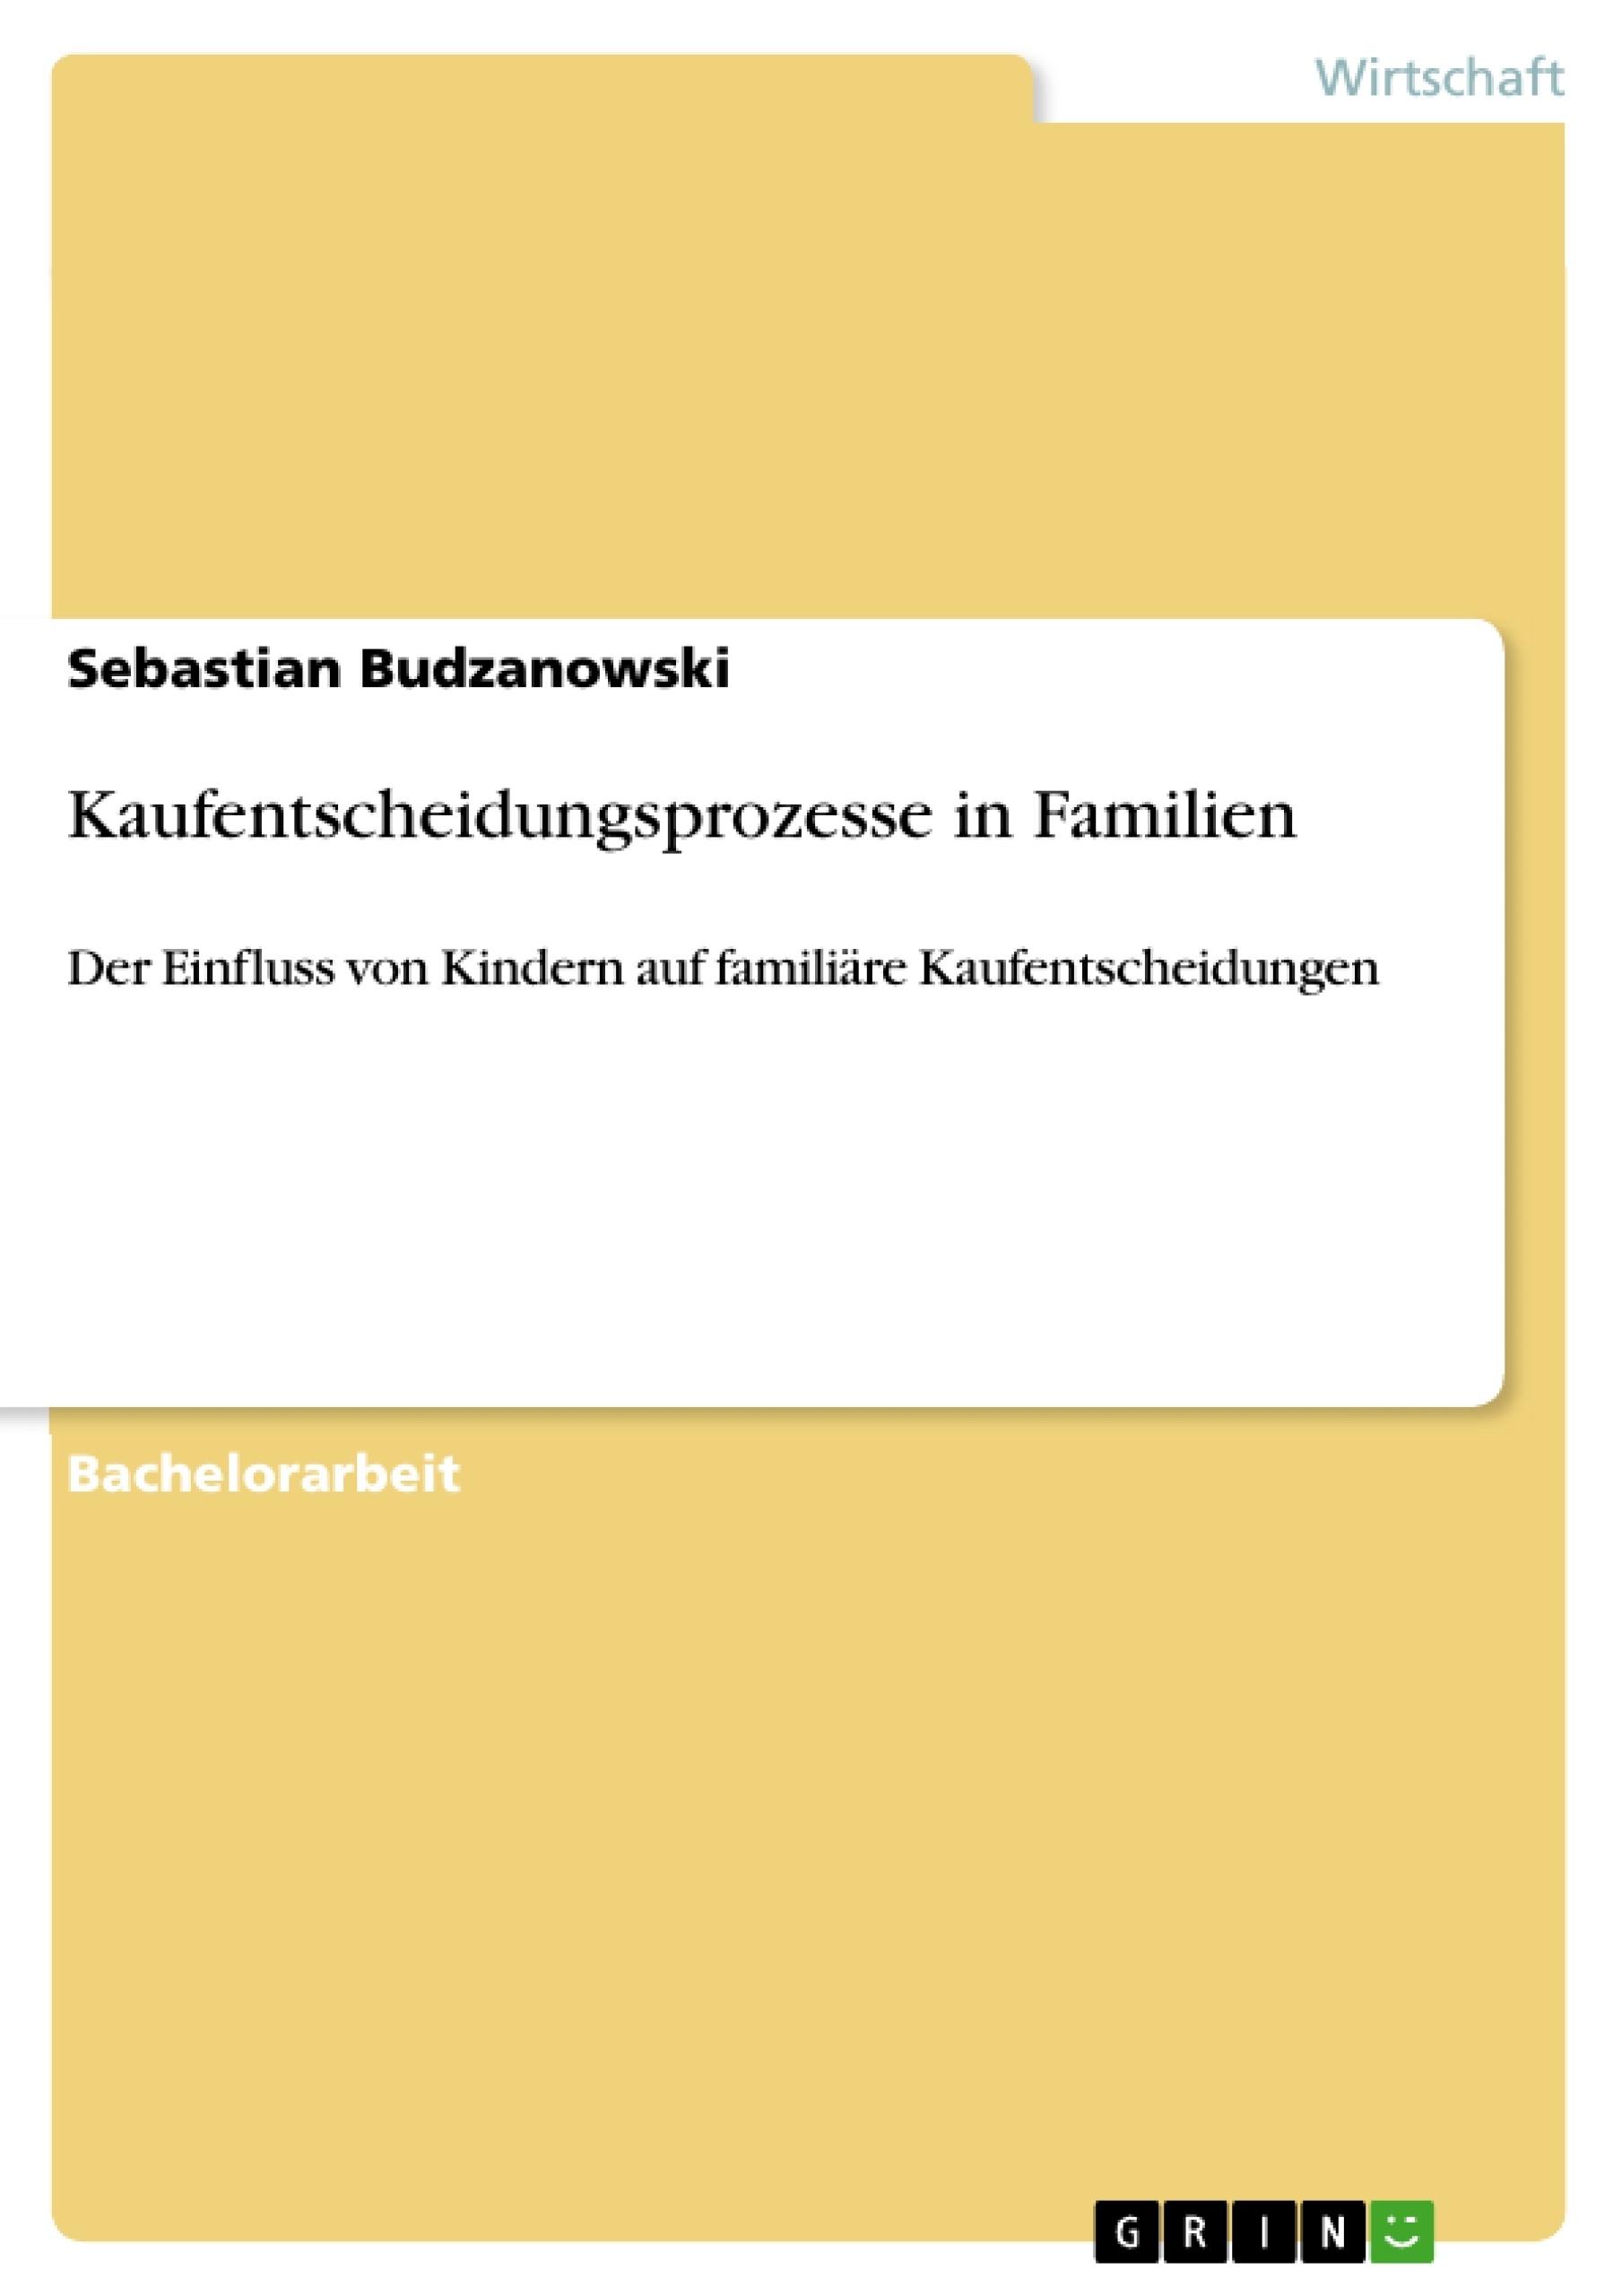 Titel: Kaufentscheidungsprozesse in Familien